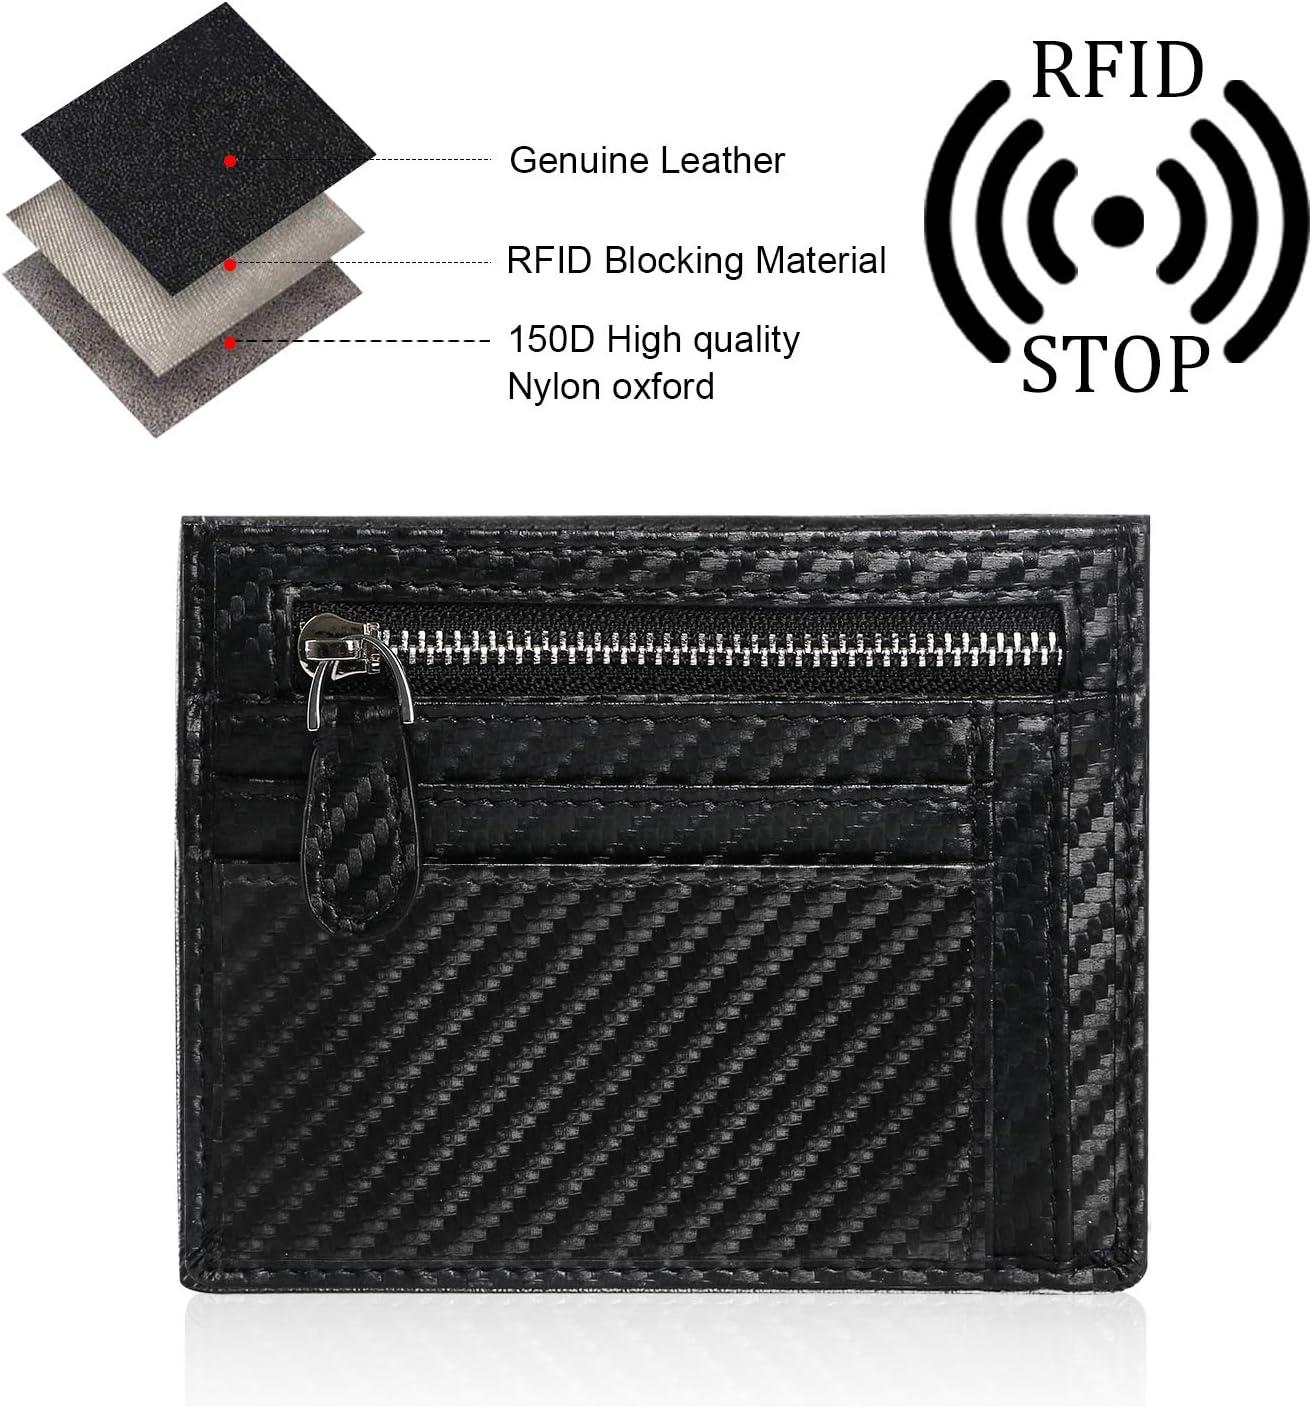 1 Compartiment /& 12 Emplacements pour Cartes, 1 Trousseau Inclus - Noir flintronic Porte-Carte de Cr/édit Portefeuille en Fibre de Carbone Porte-Cartes avec RFID